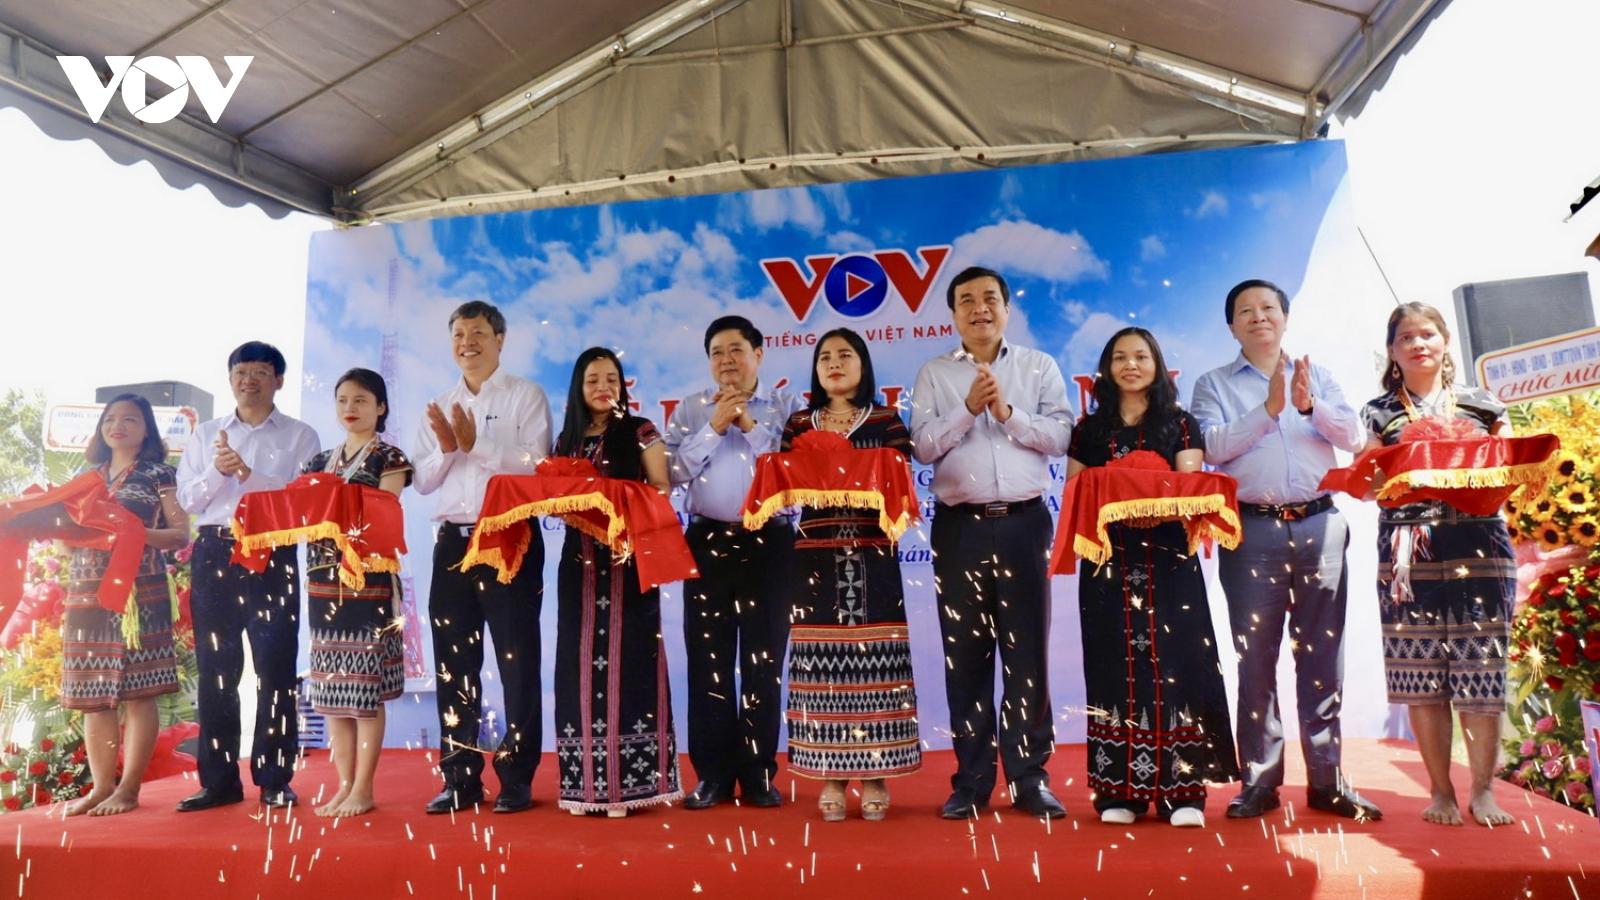 VOV khánh thành trạm phát sóng FM tự động tại đỉnh Quế,tỉnh Quảng Nam